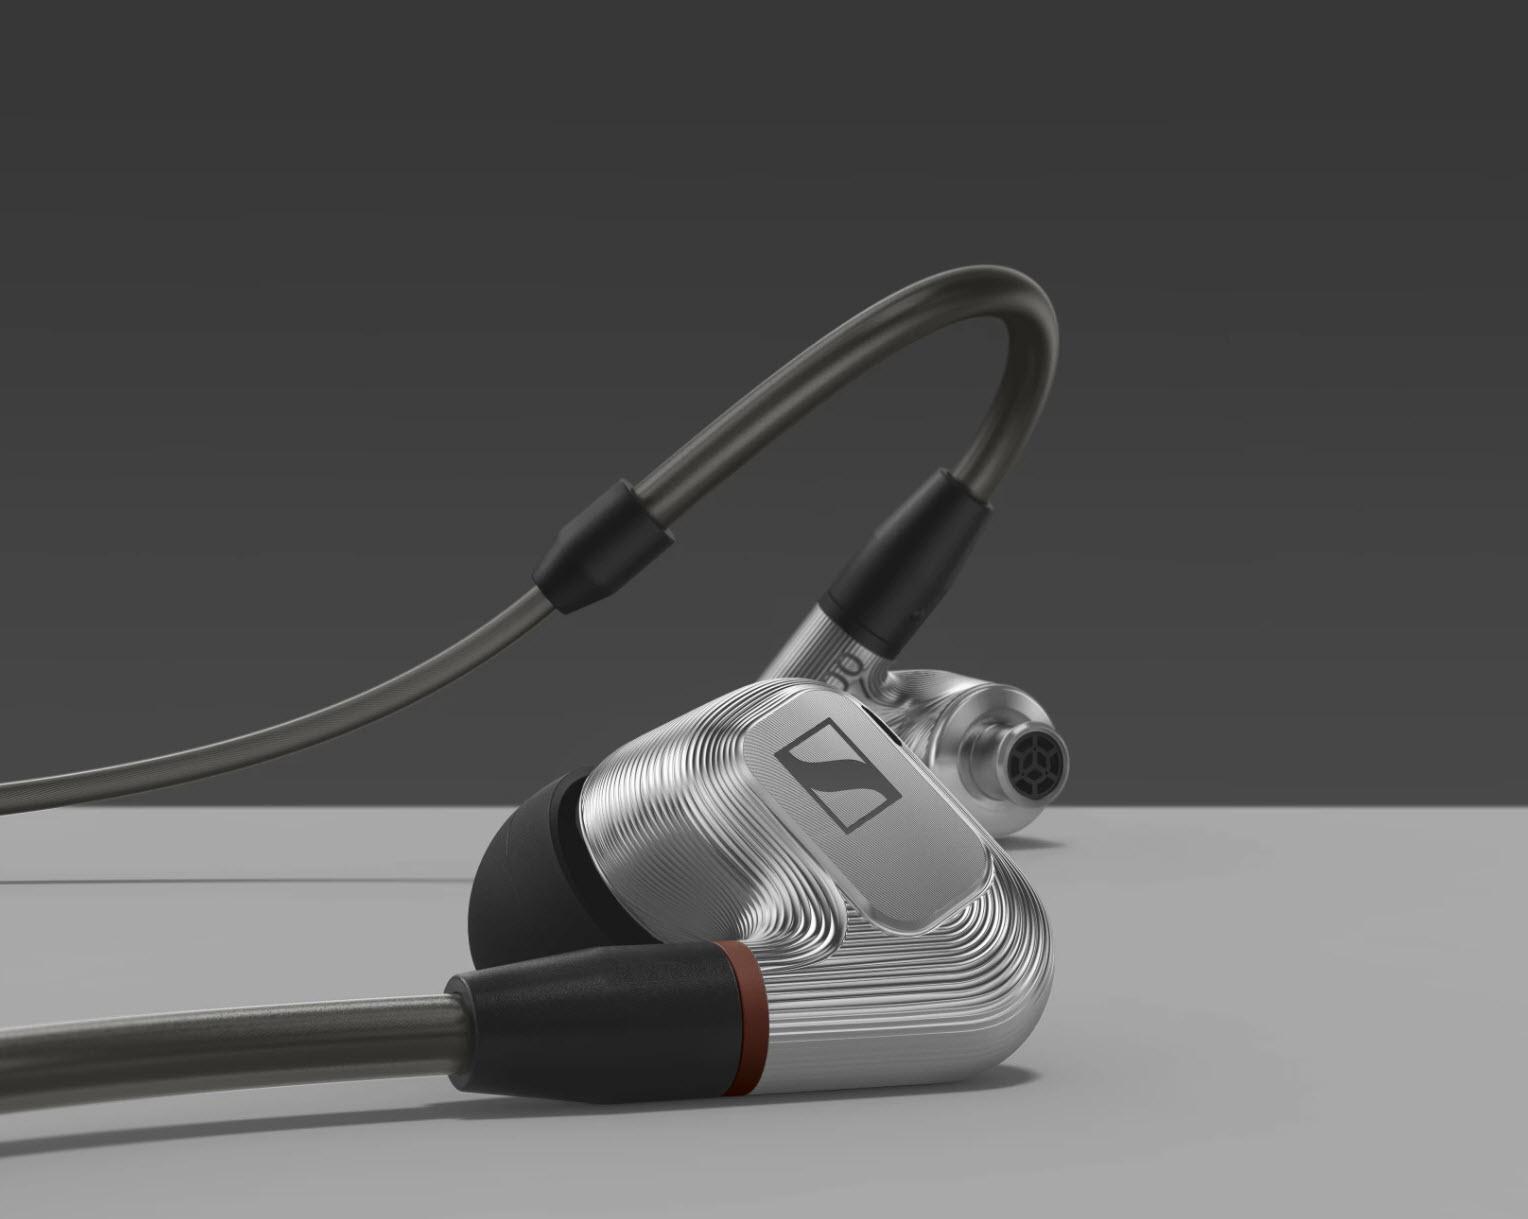 森海塞尔(Sennheiser)推出新款旗舰产品IE900耳机,标价1300美元